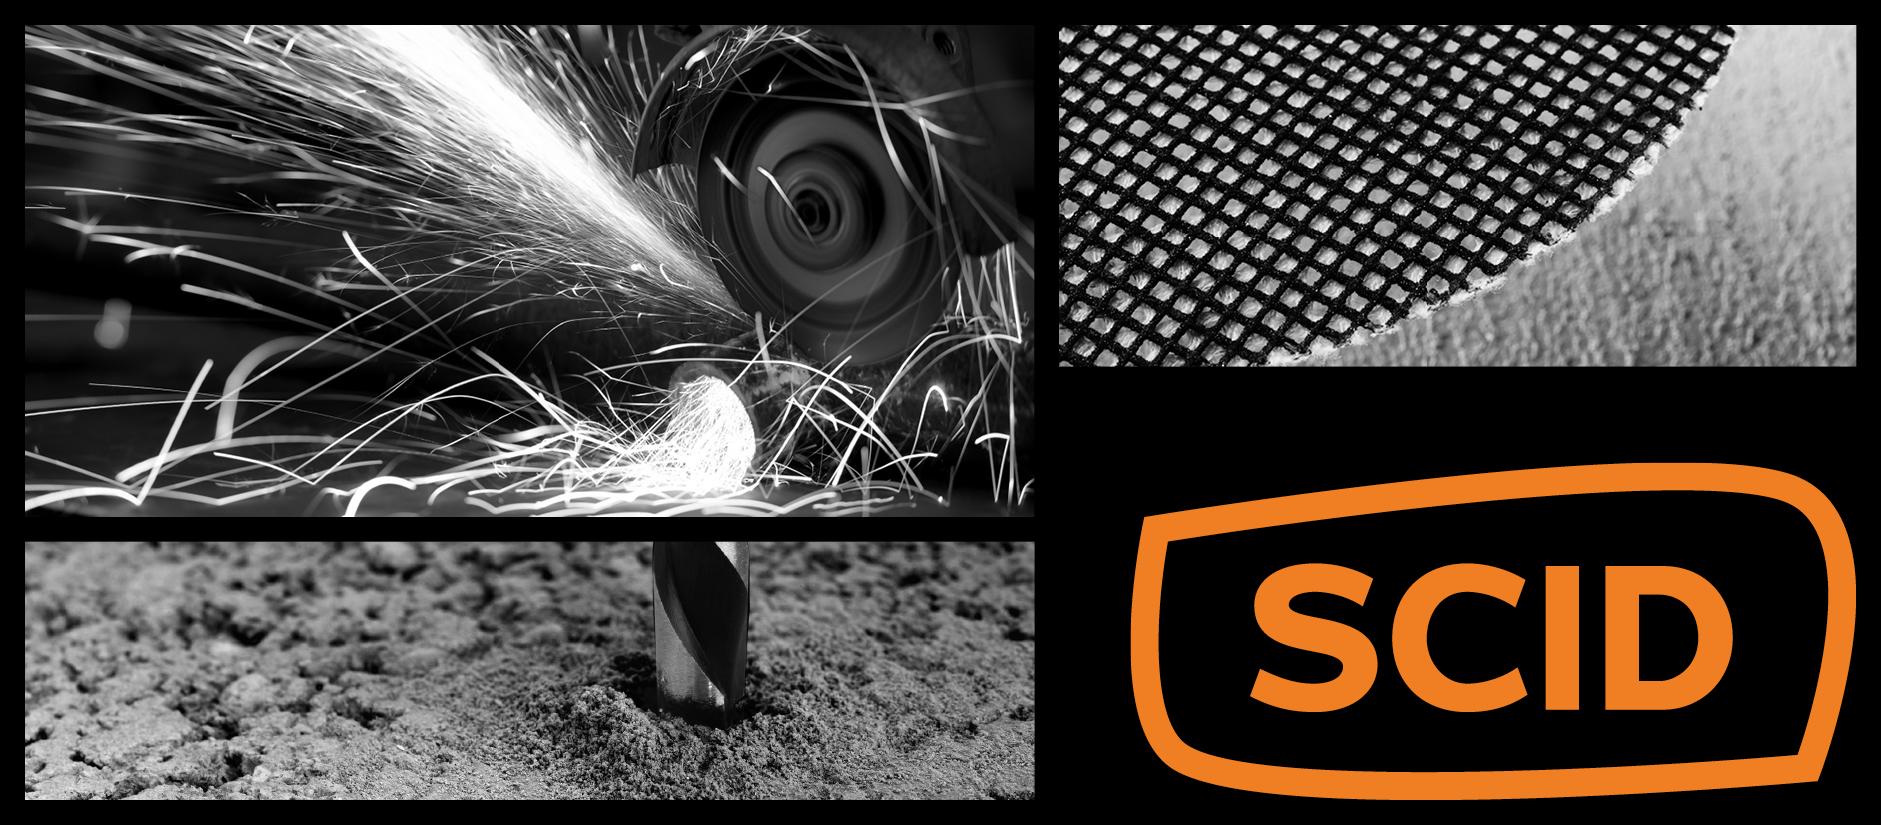 SCID - Disques diamantés performants, Forets résistants et des patins robustes